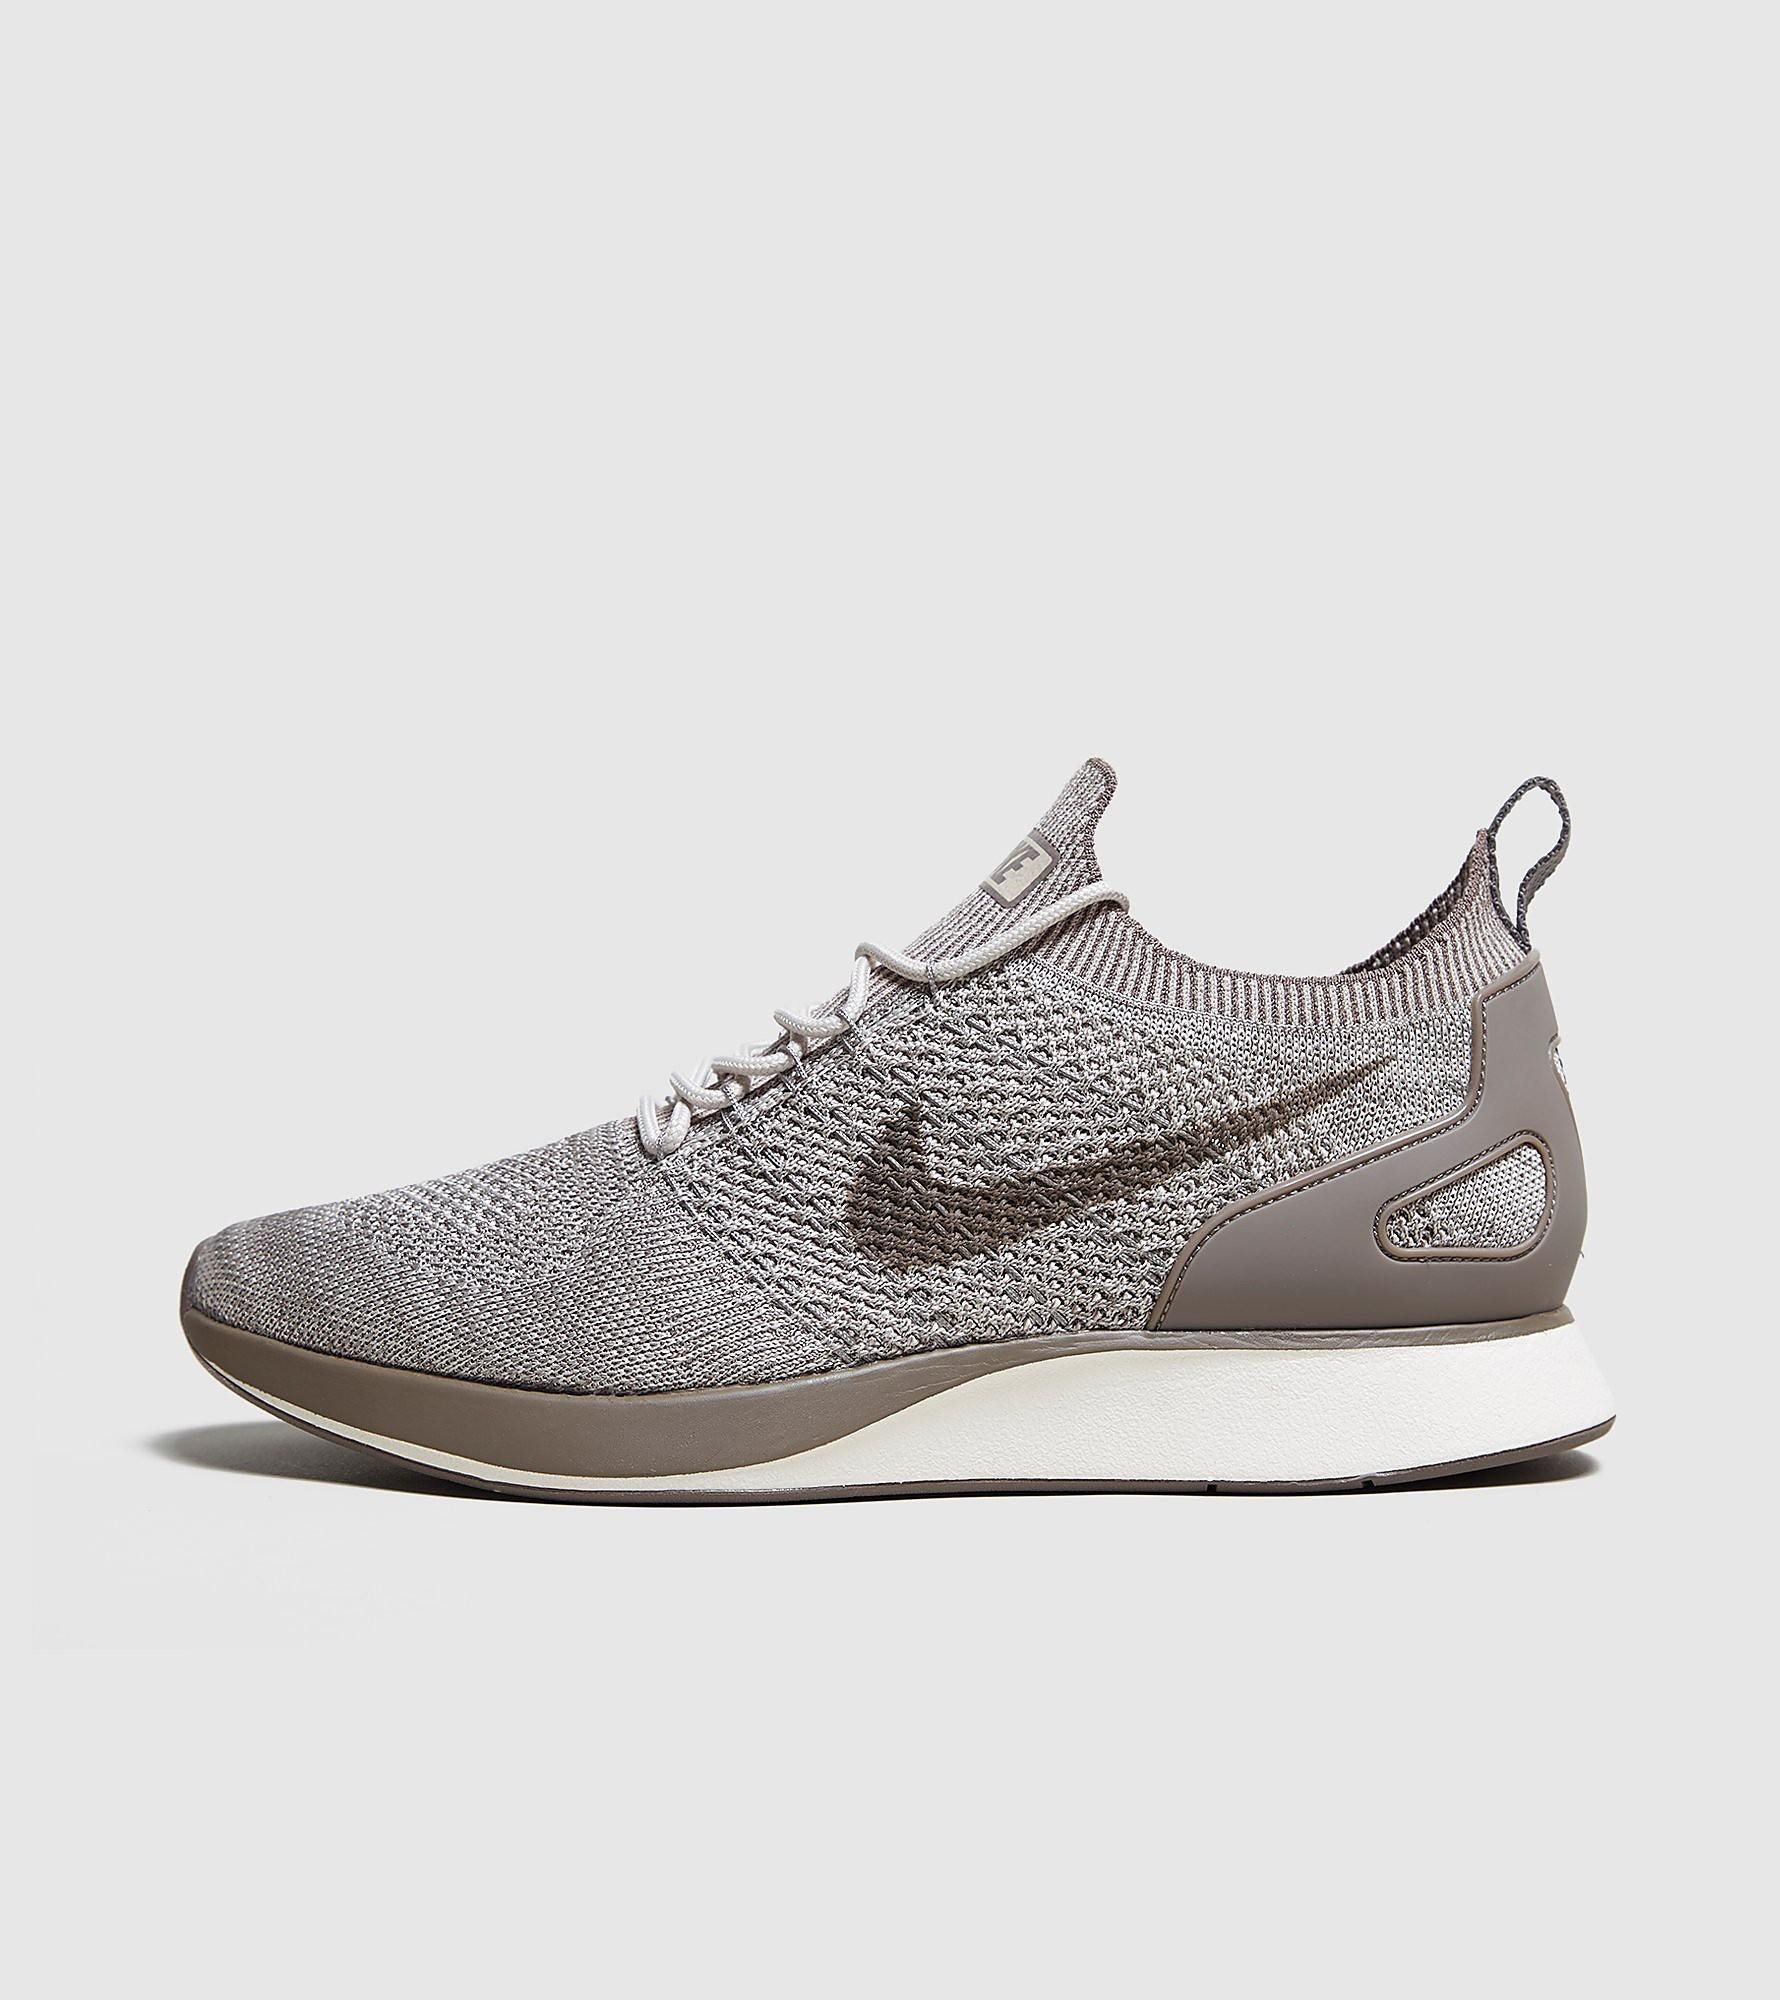 Nike Mariah Flyknit Racer